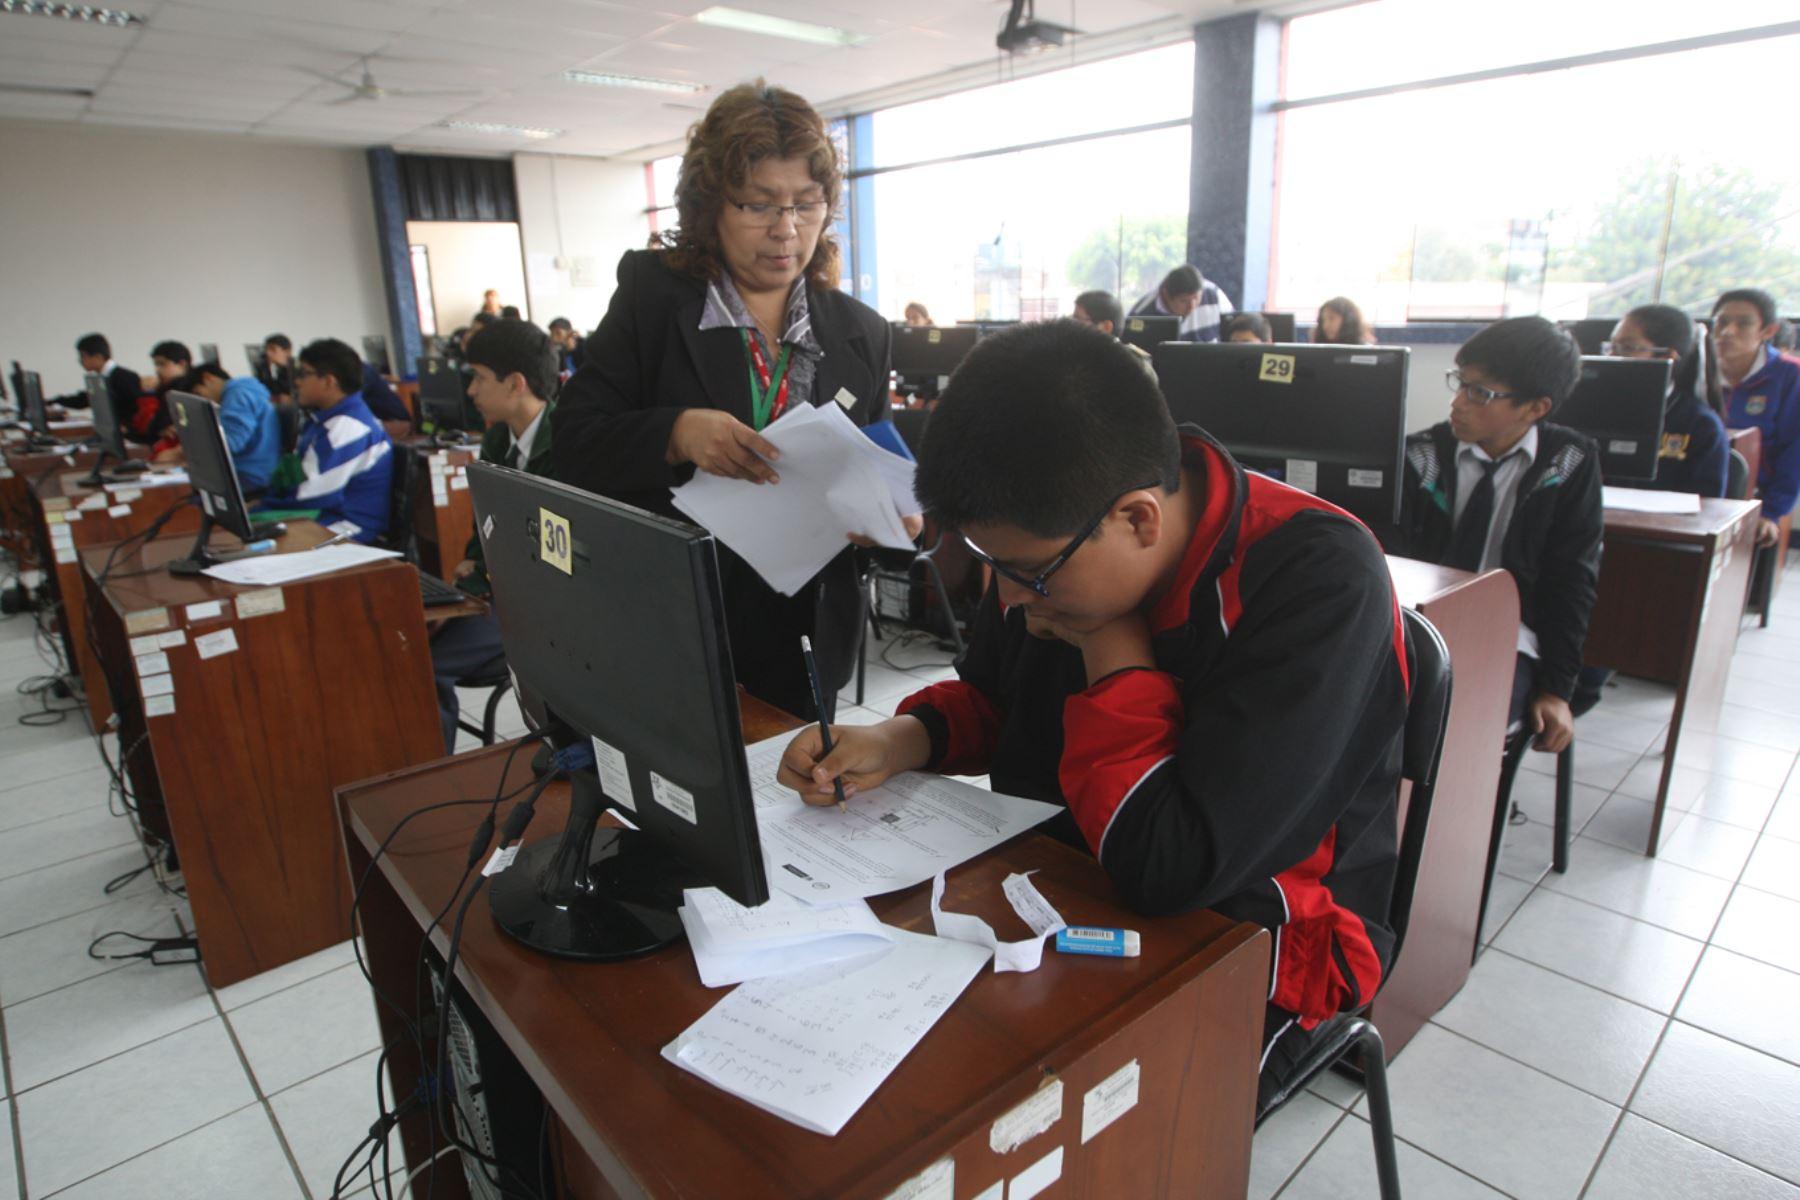 Evaluación cualitativa comenzará en primero de secundaria . Foto: ANDINA/Juan Carlos Guzmán